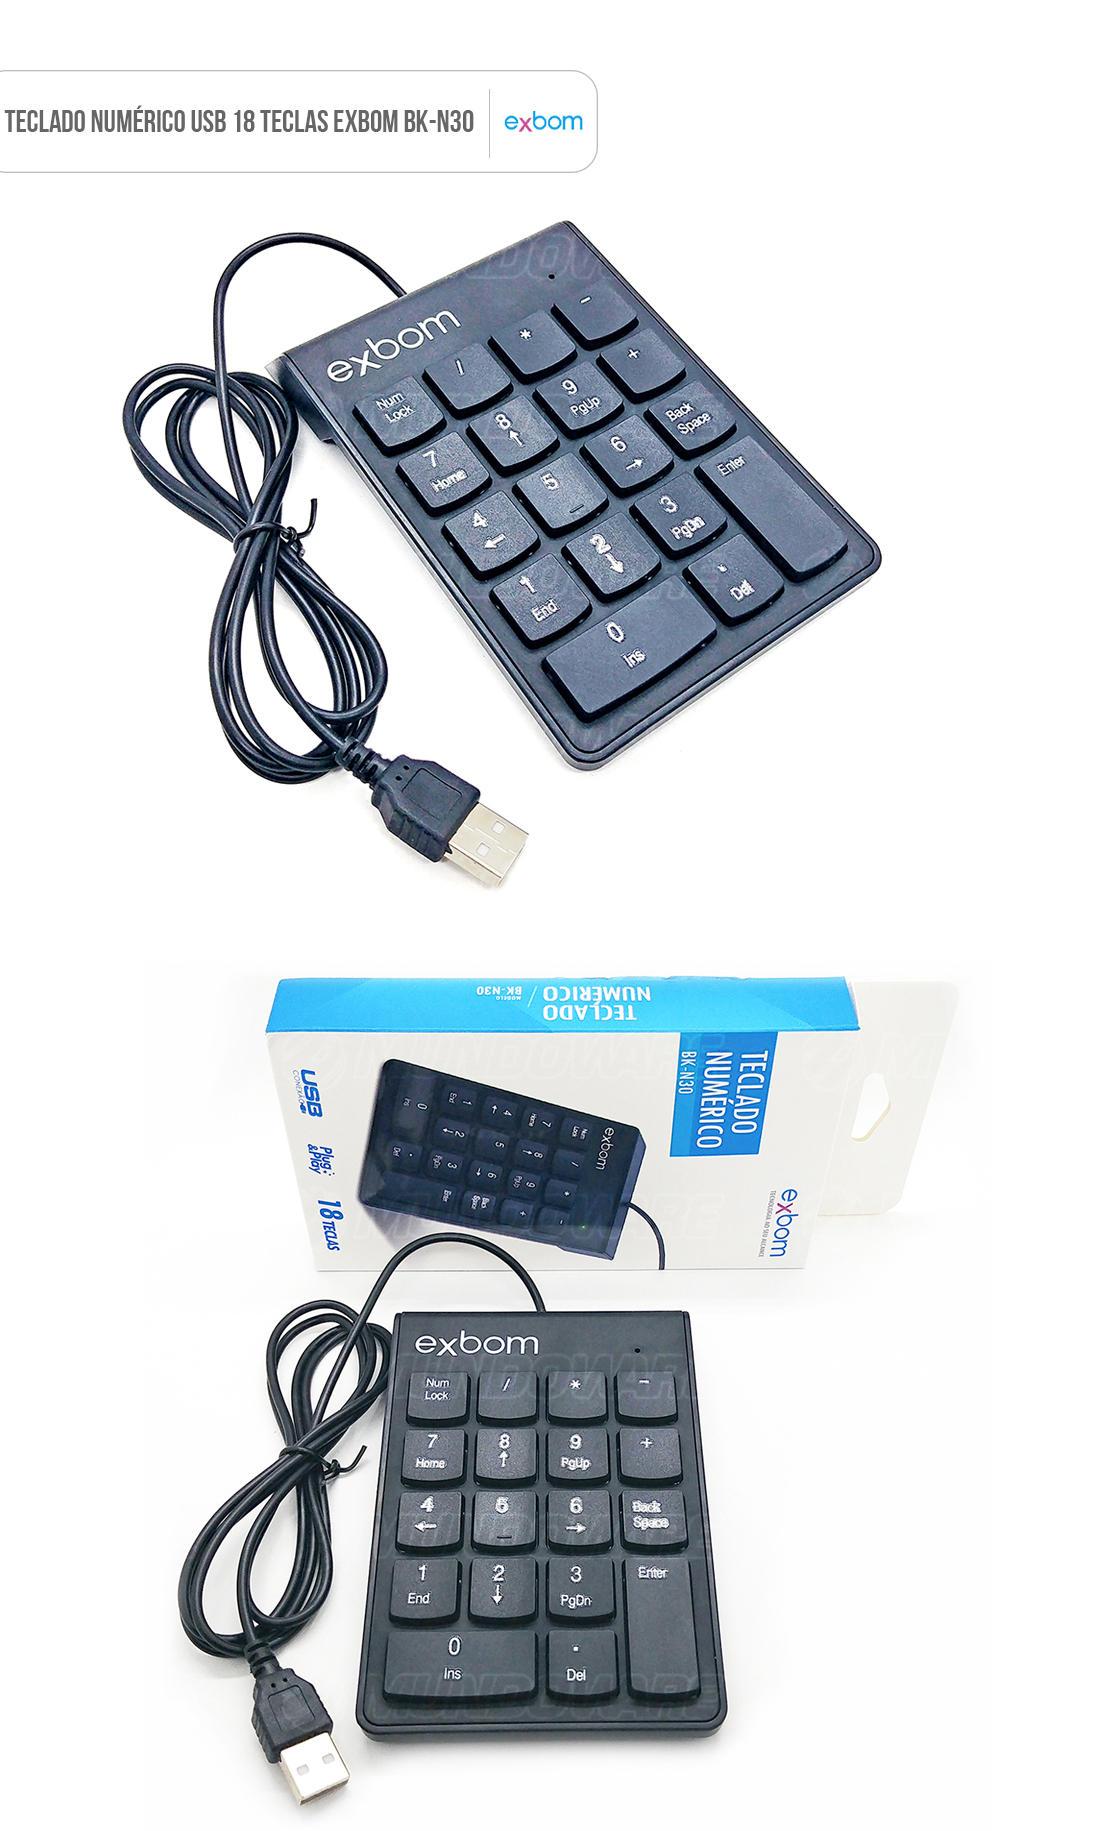 Teclado Numérico USB 18 Teclas Exbom BK-N30